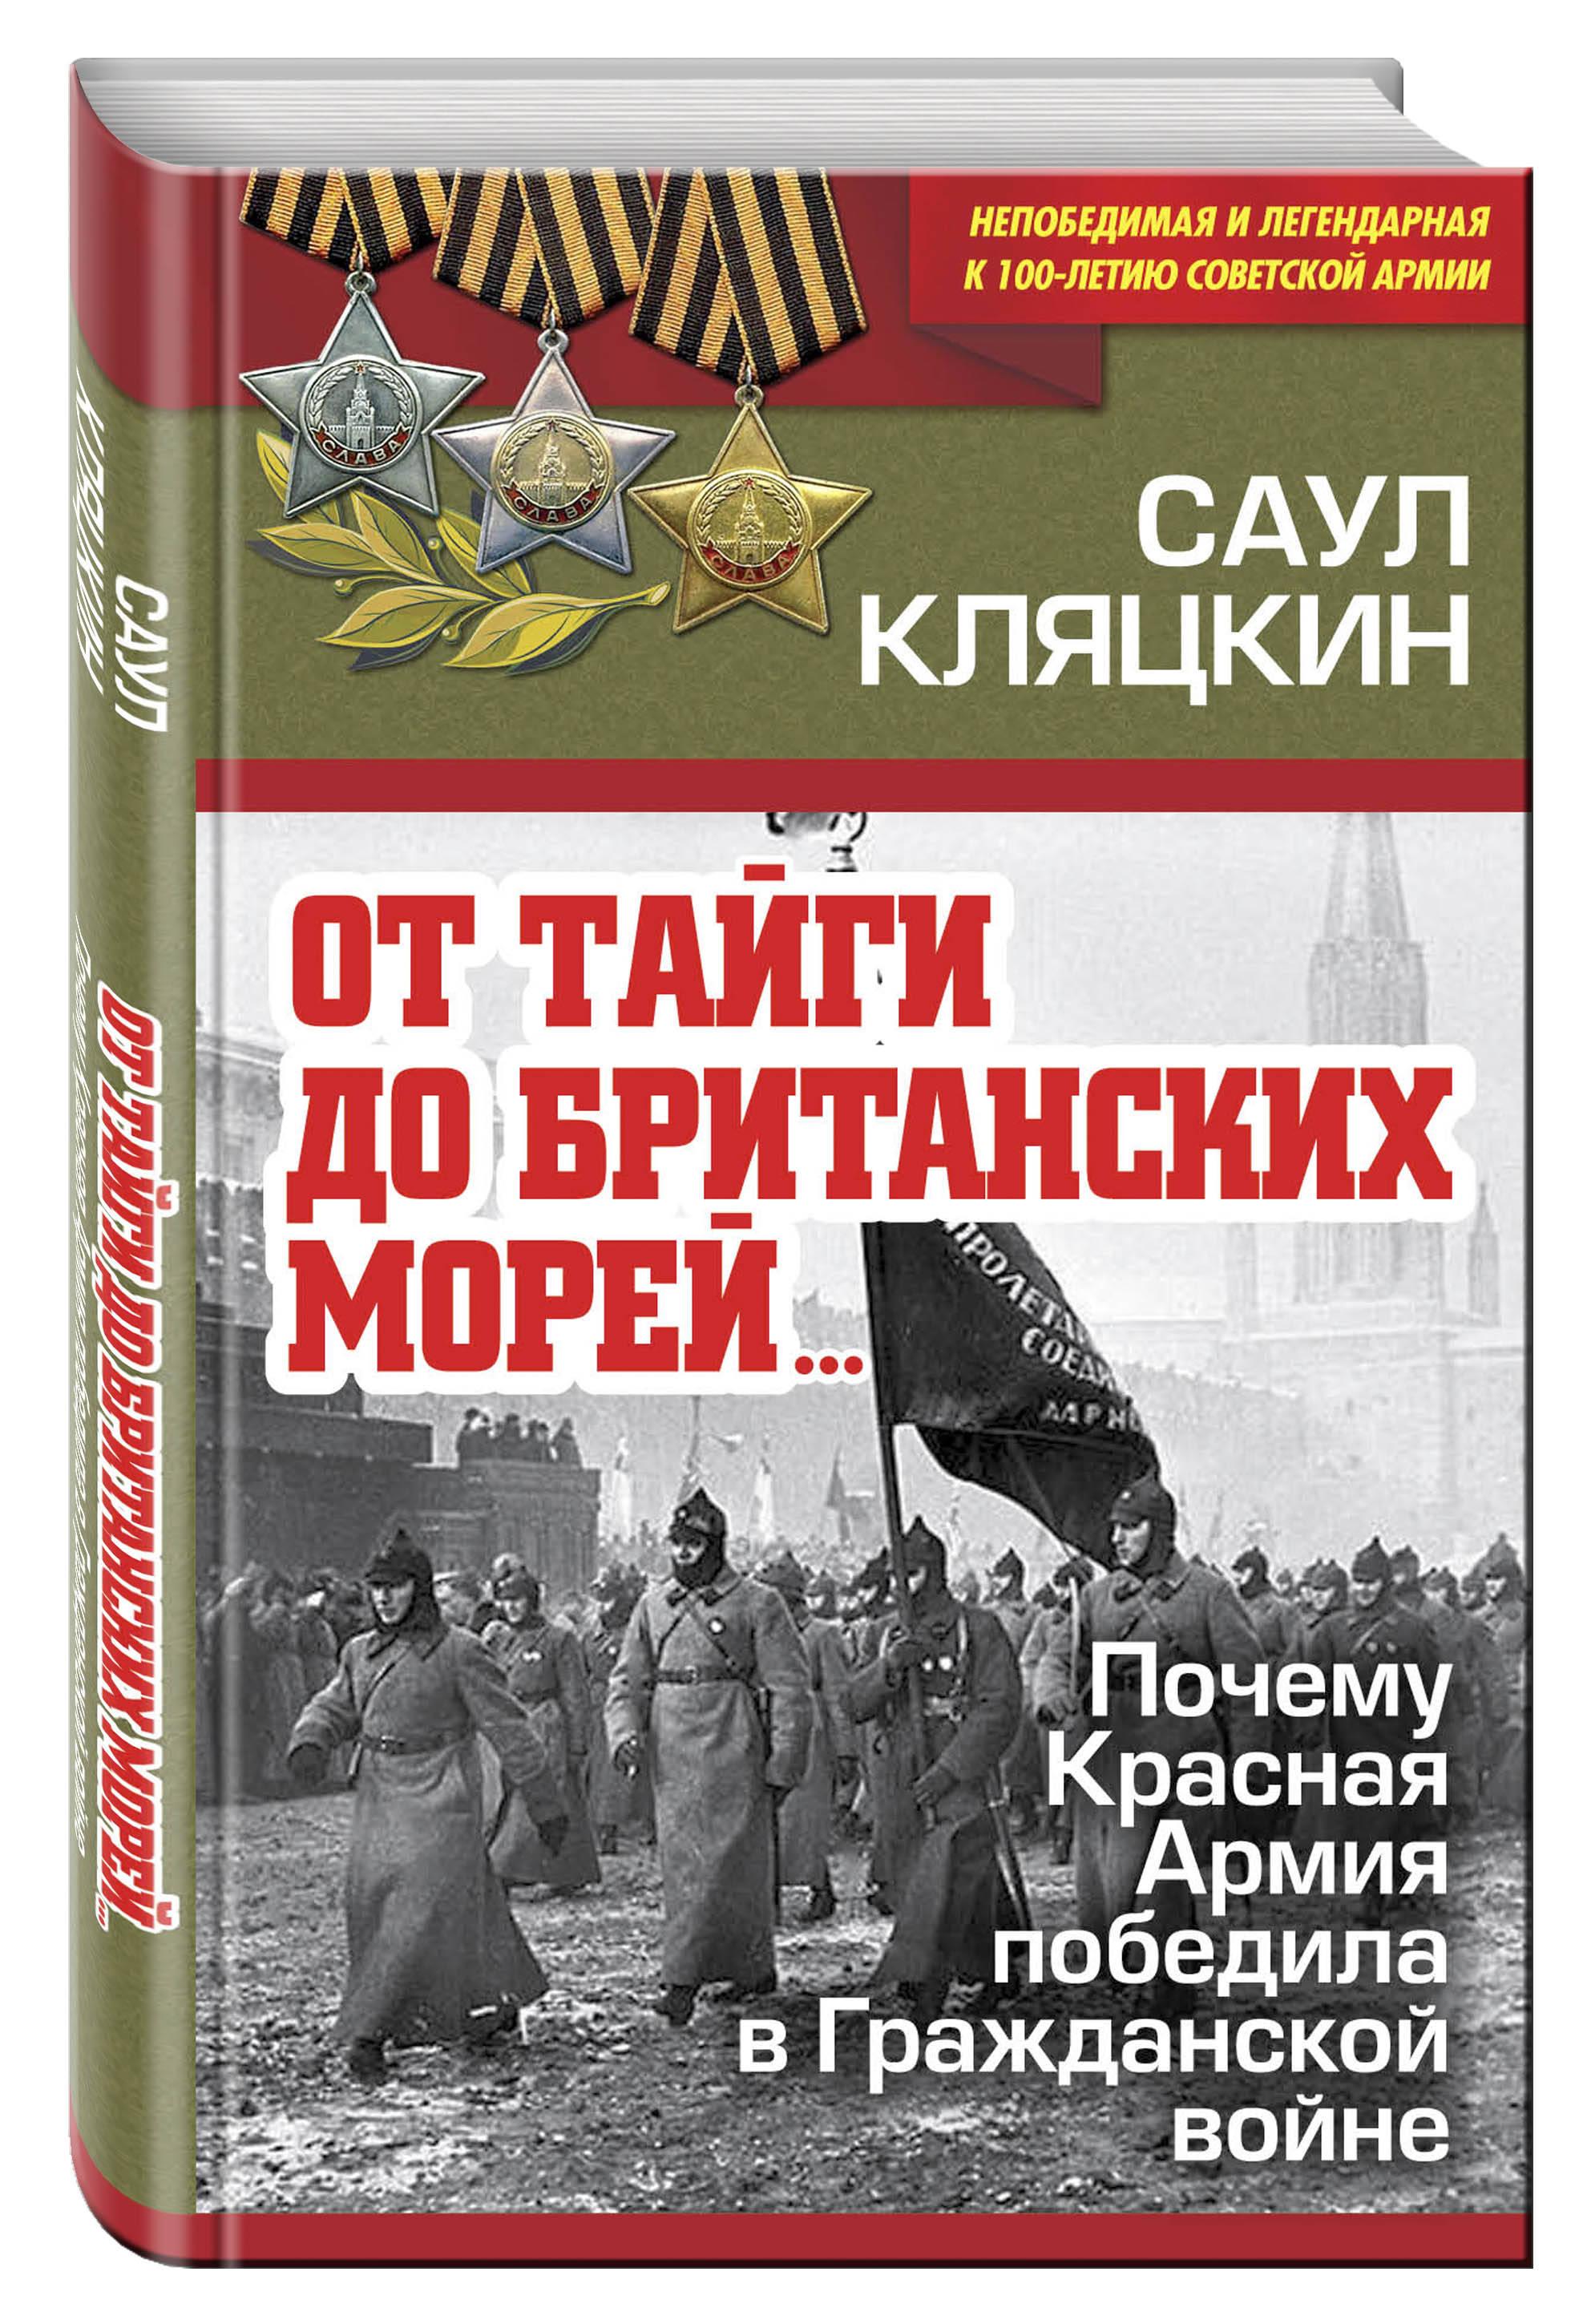 Кляцкин С.М. «От тайги до британских морей…» Почему Красная Армия победила в Гражданской войне алексей исаев пять кругов ада красная армия в котлах